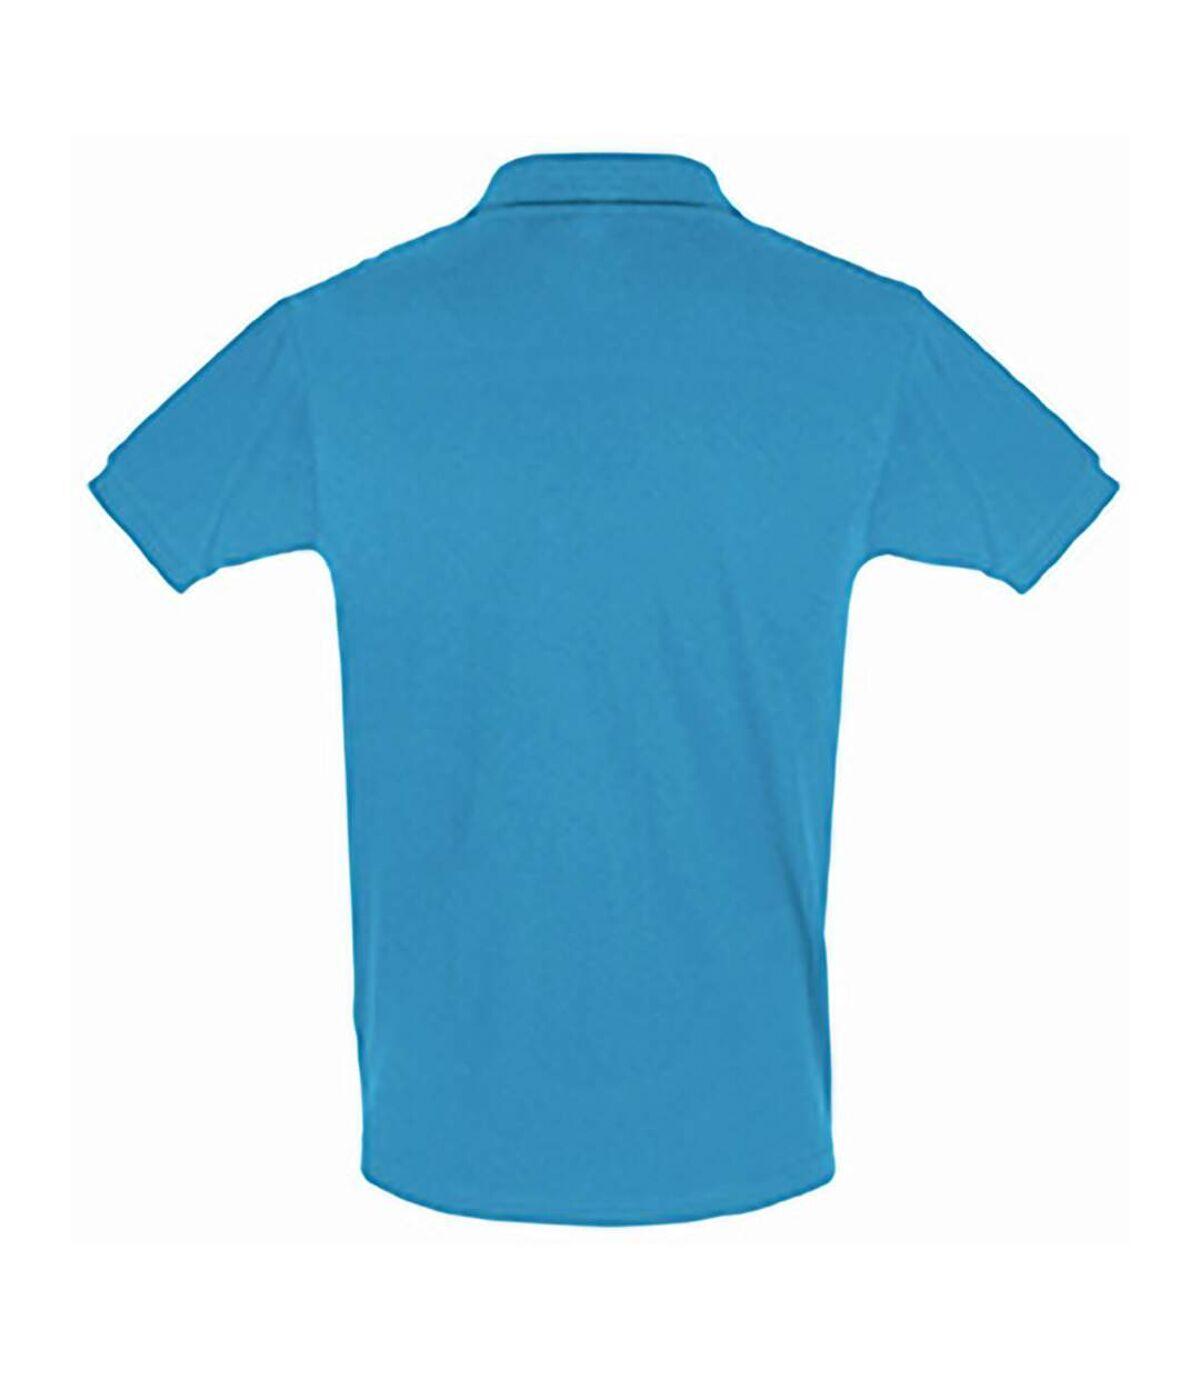 SOLS Mens Perfect Pique Short Sleeve Polo Shirt (Aqua) - UTPC283